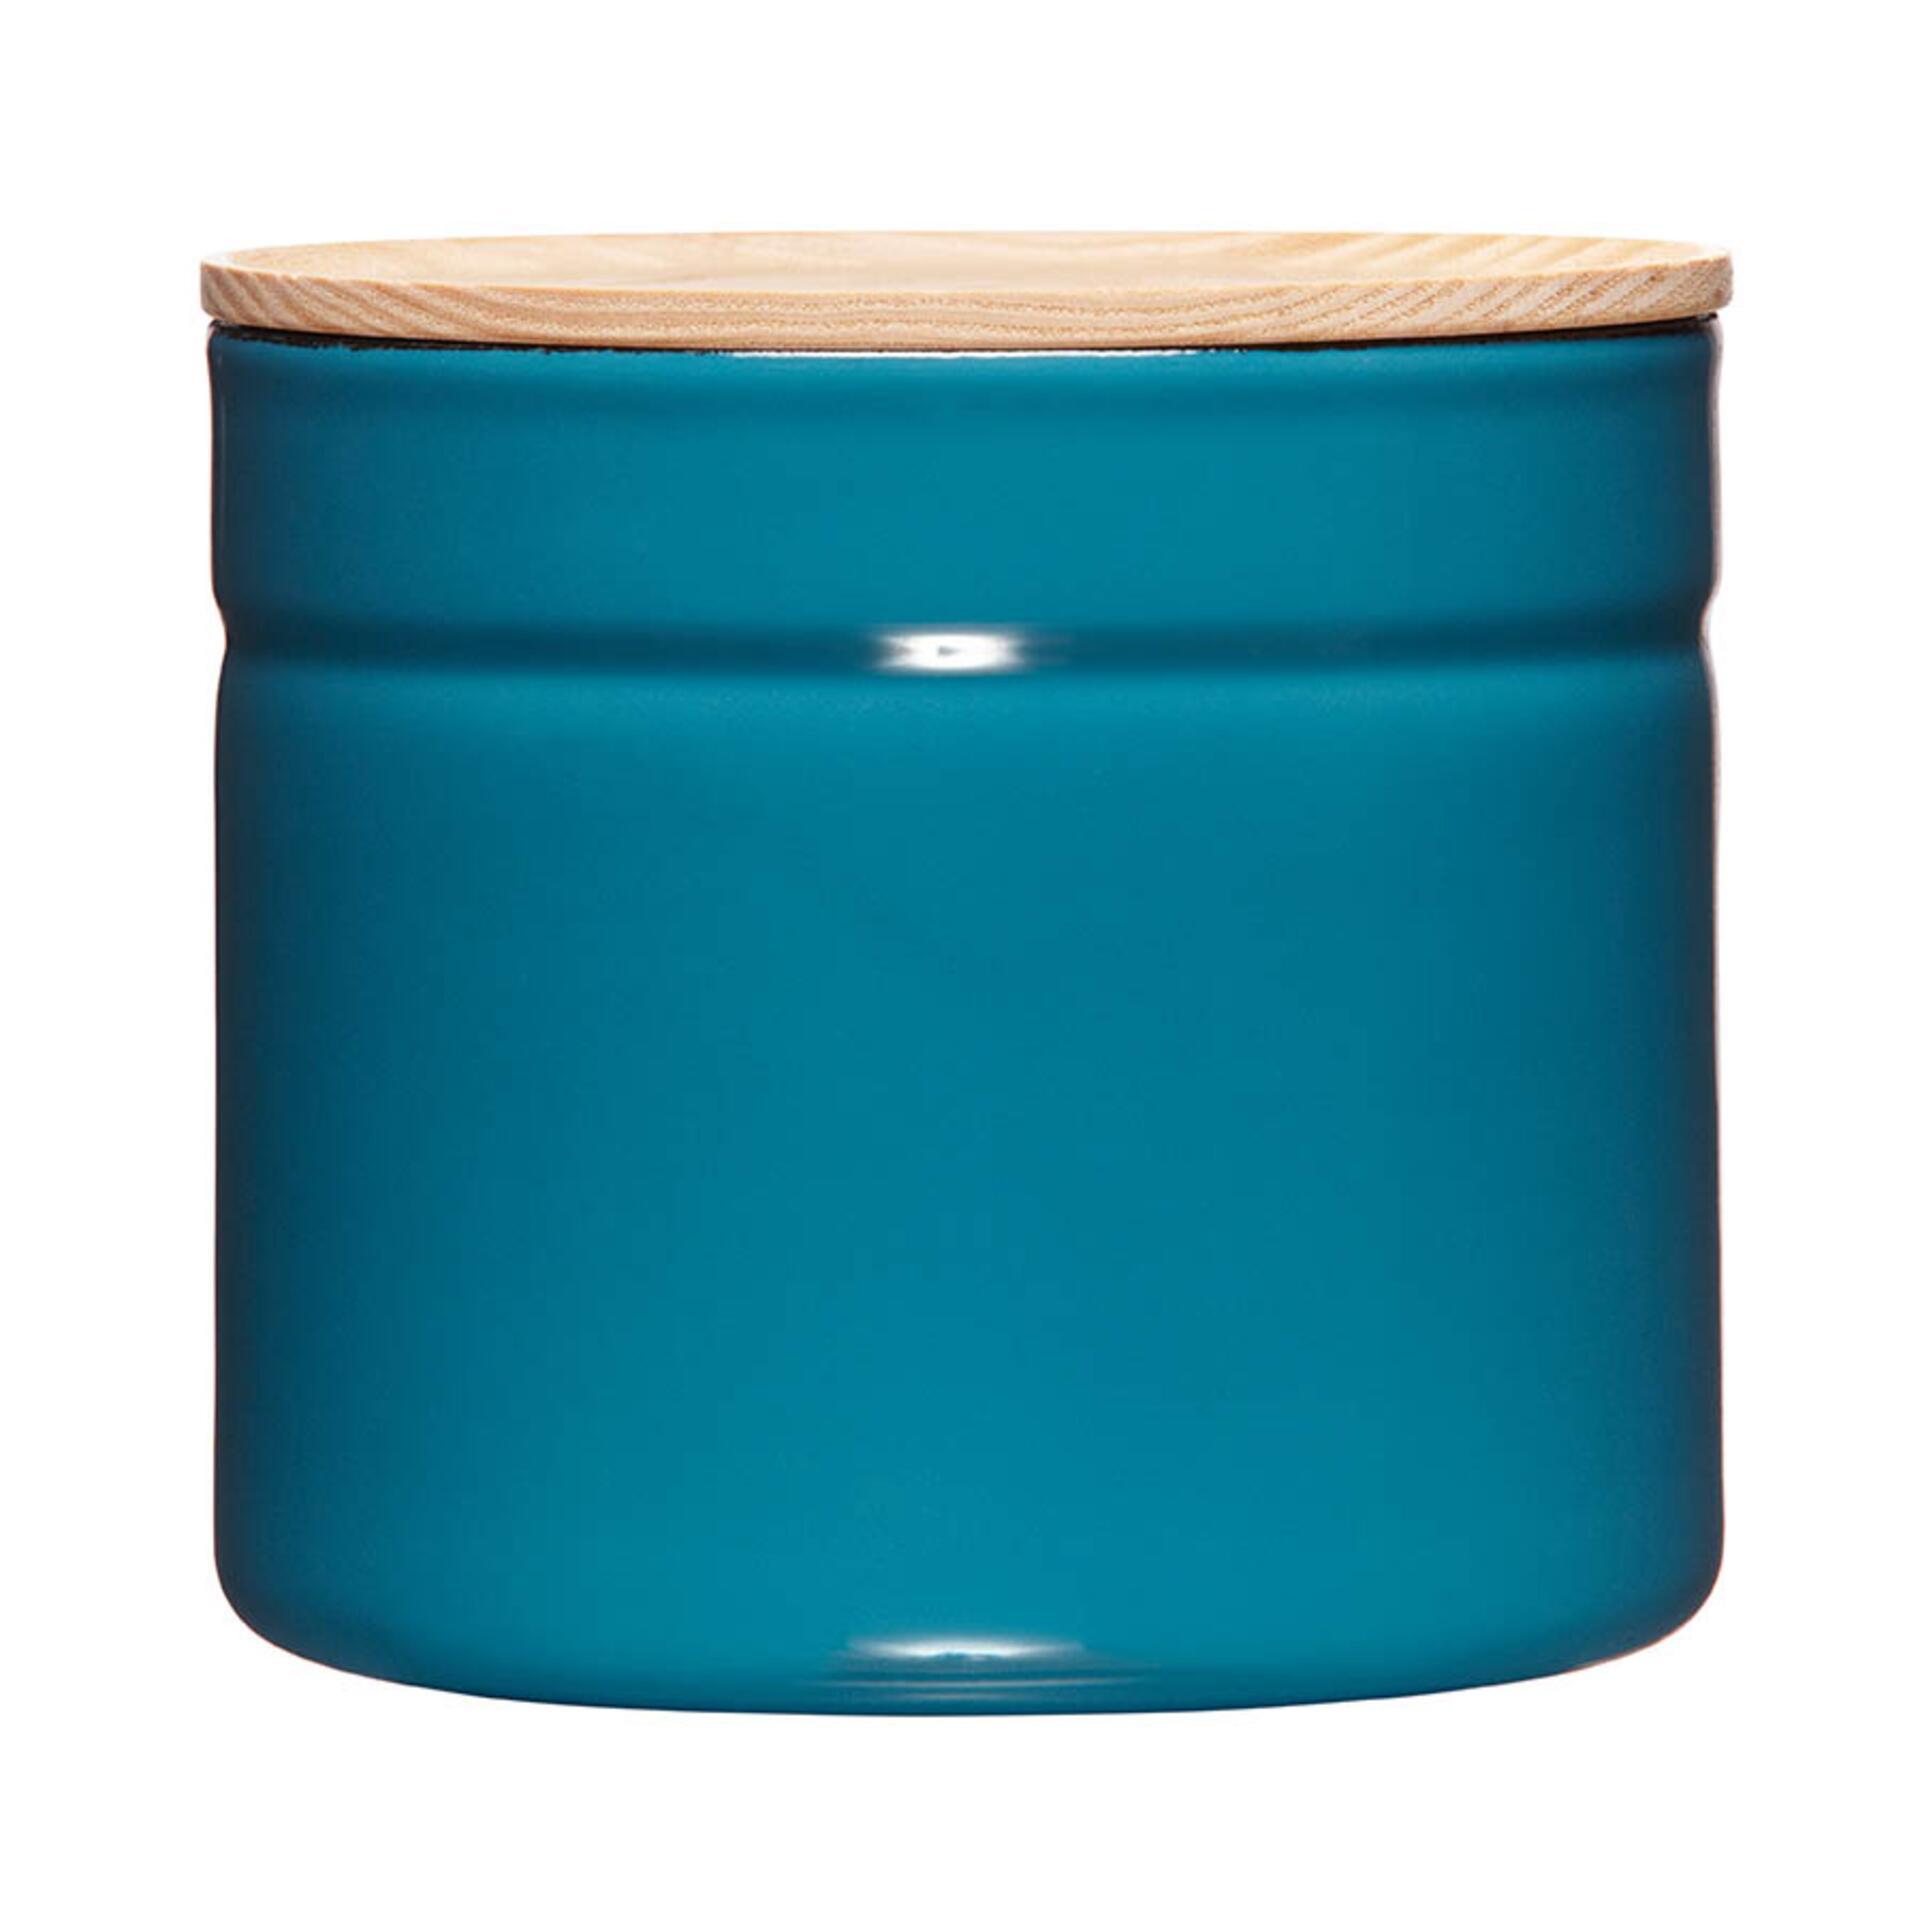 Riess Vorratsdose 1350 ml Blau